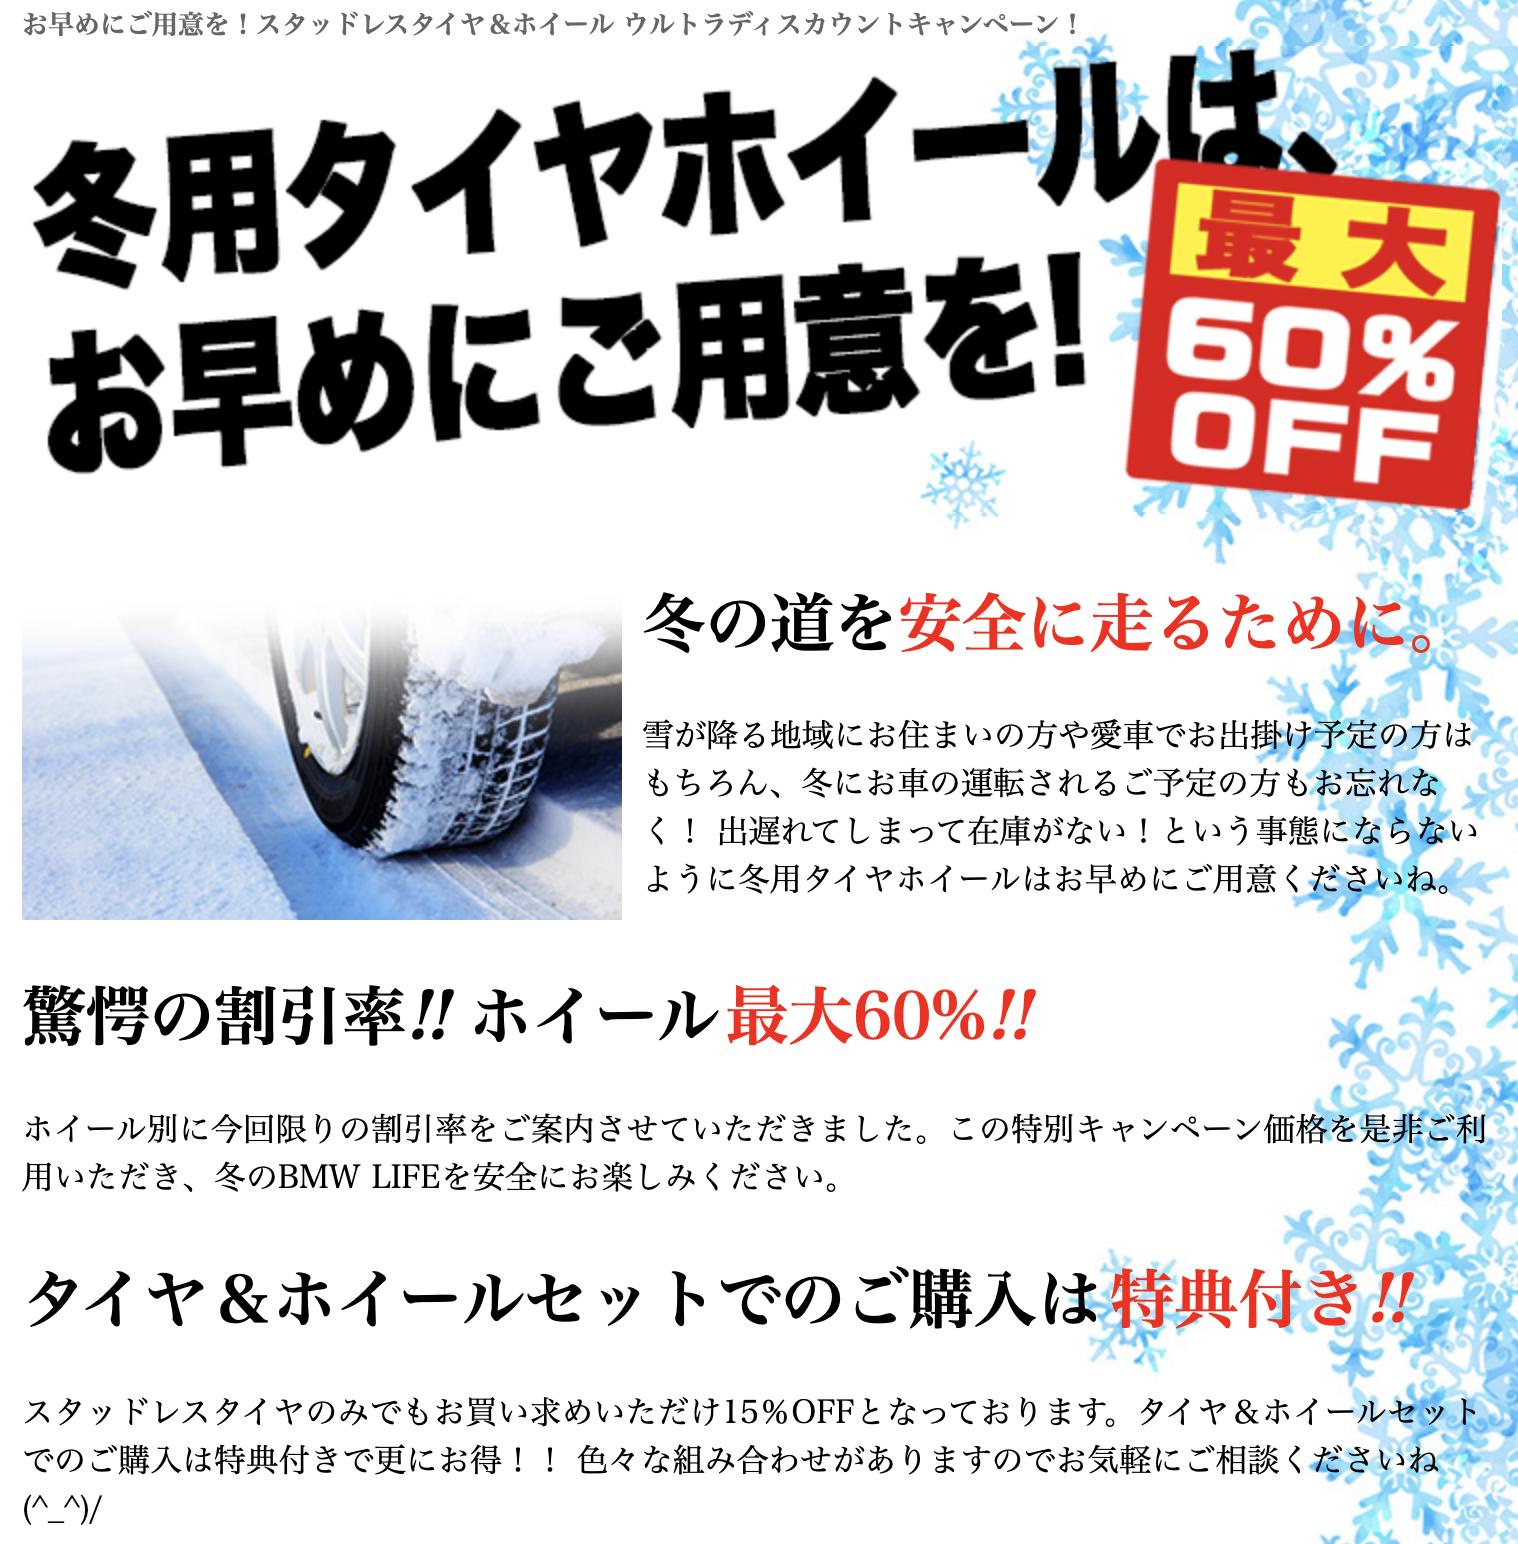 http://blog.sendai.studie.jp/%E3%82%B9%E3%82%AF%E3%83%AA%E3%83%BC%E3%83%B3%E3%82%B7%E3%83%A7%E3%83%83%E3%83%88%202018-11-19%2011.08.37.png